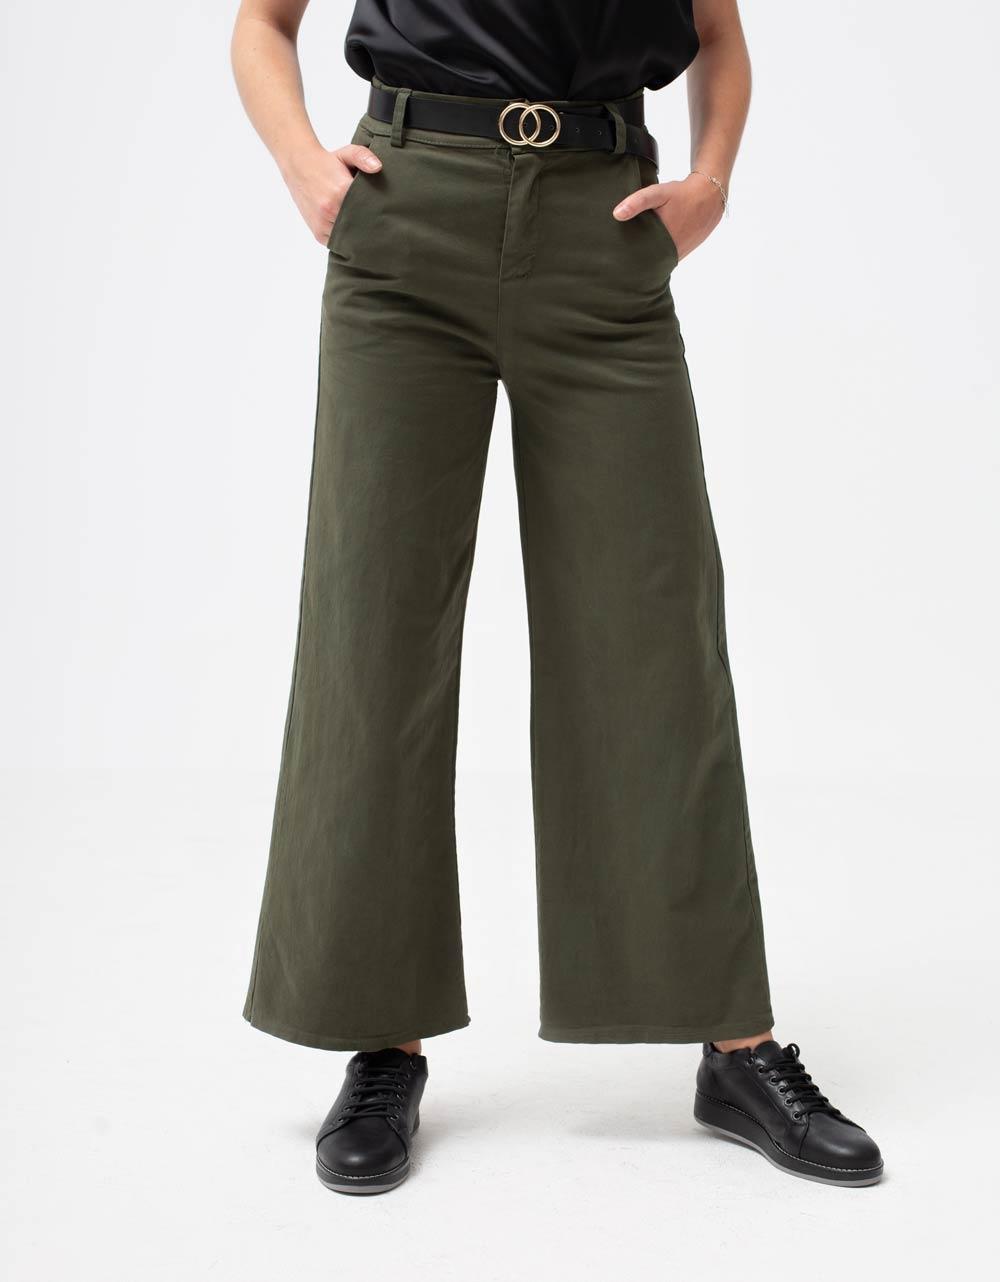 Εικόνα από Γυναικείο παντελόνι ψηλόμεσο καμπάνα Χακί